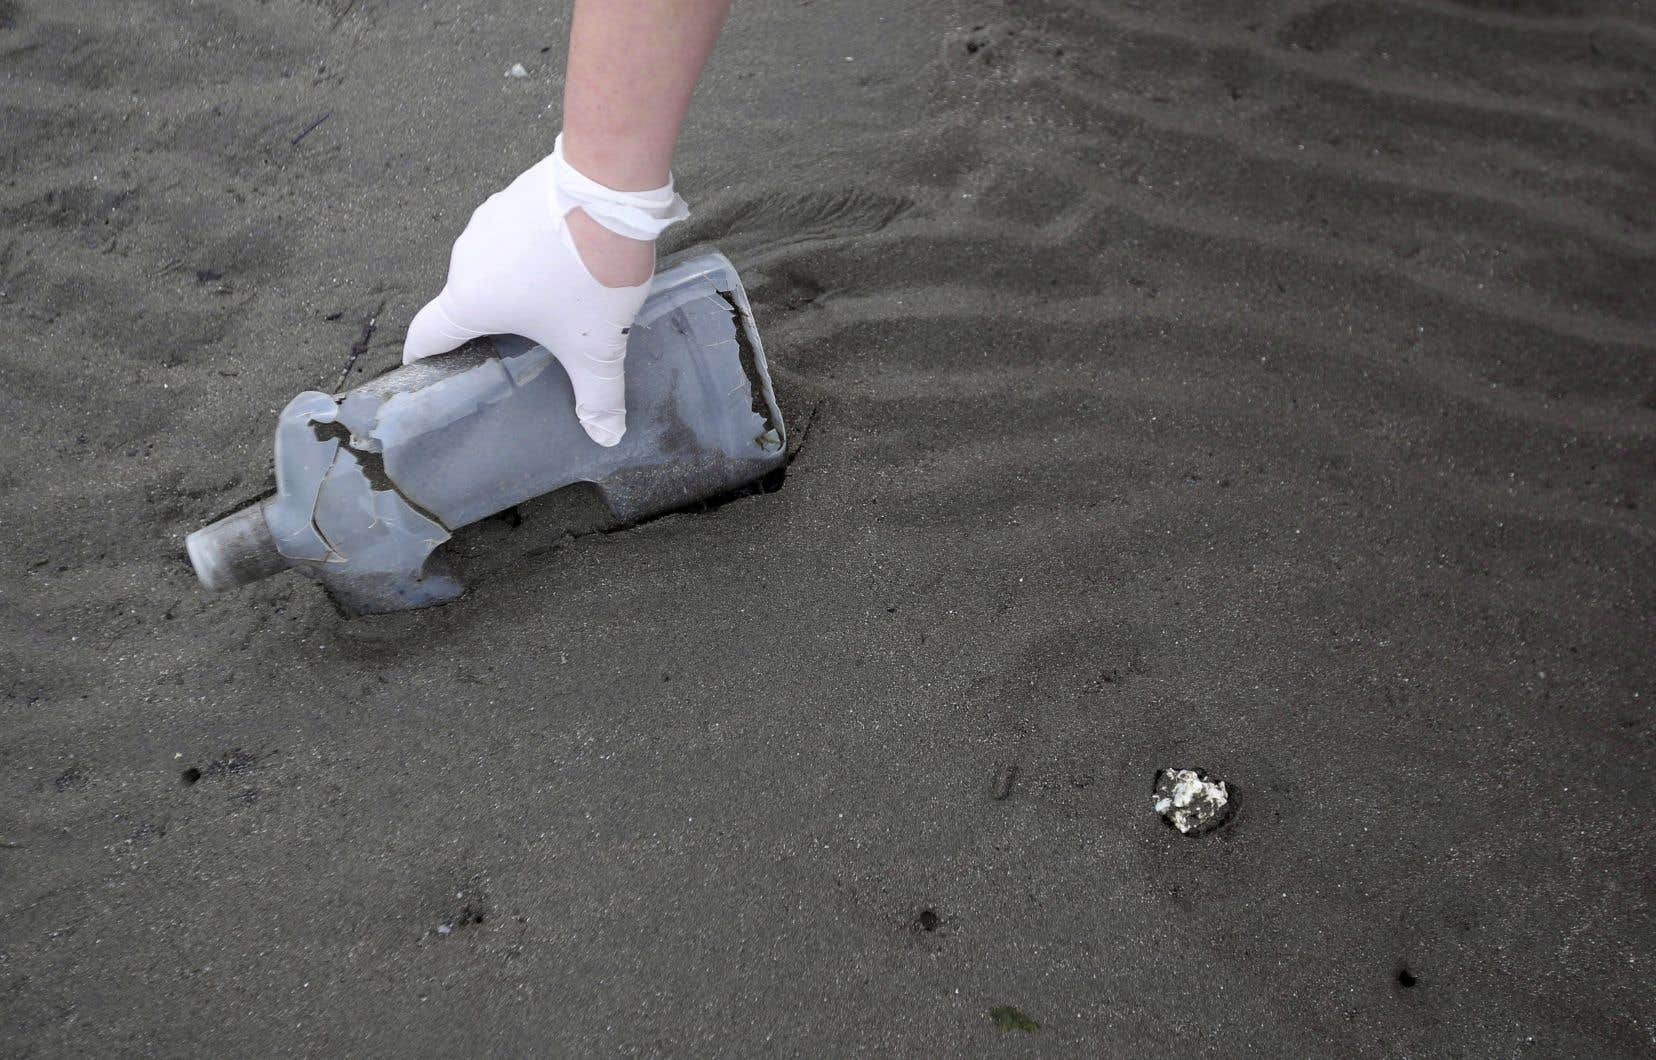 Diverses études laissent croire que de 6 à 10millions de tonnes de déchets de plastique aboutissent dans les océans chaque année.